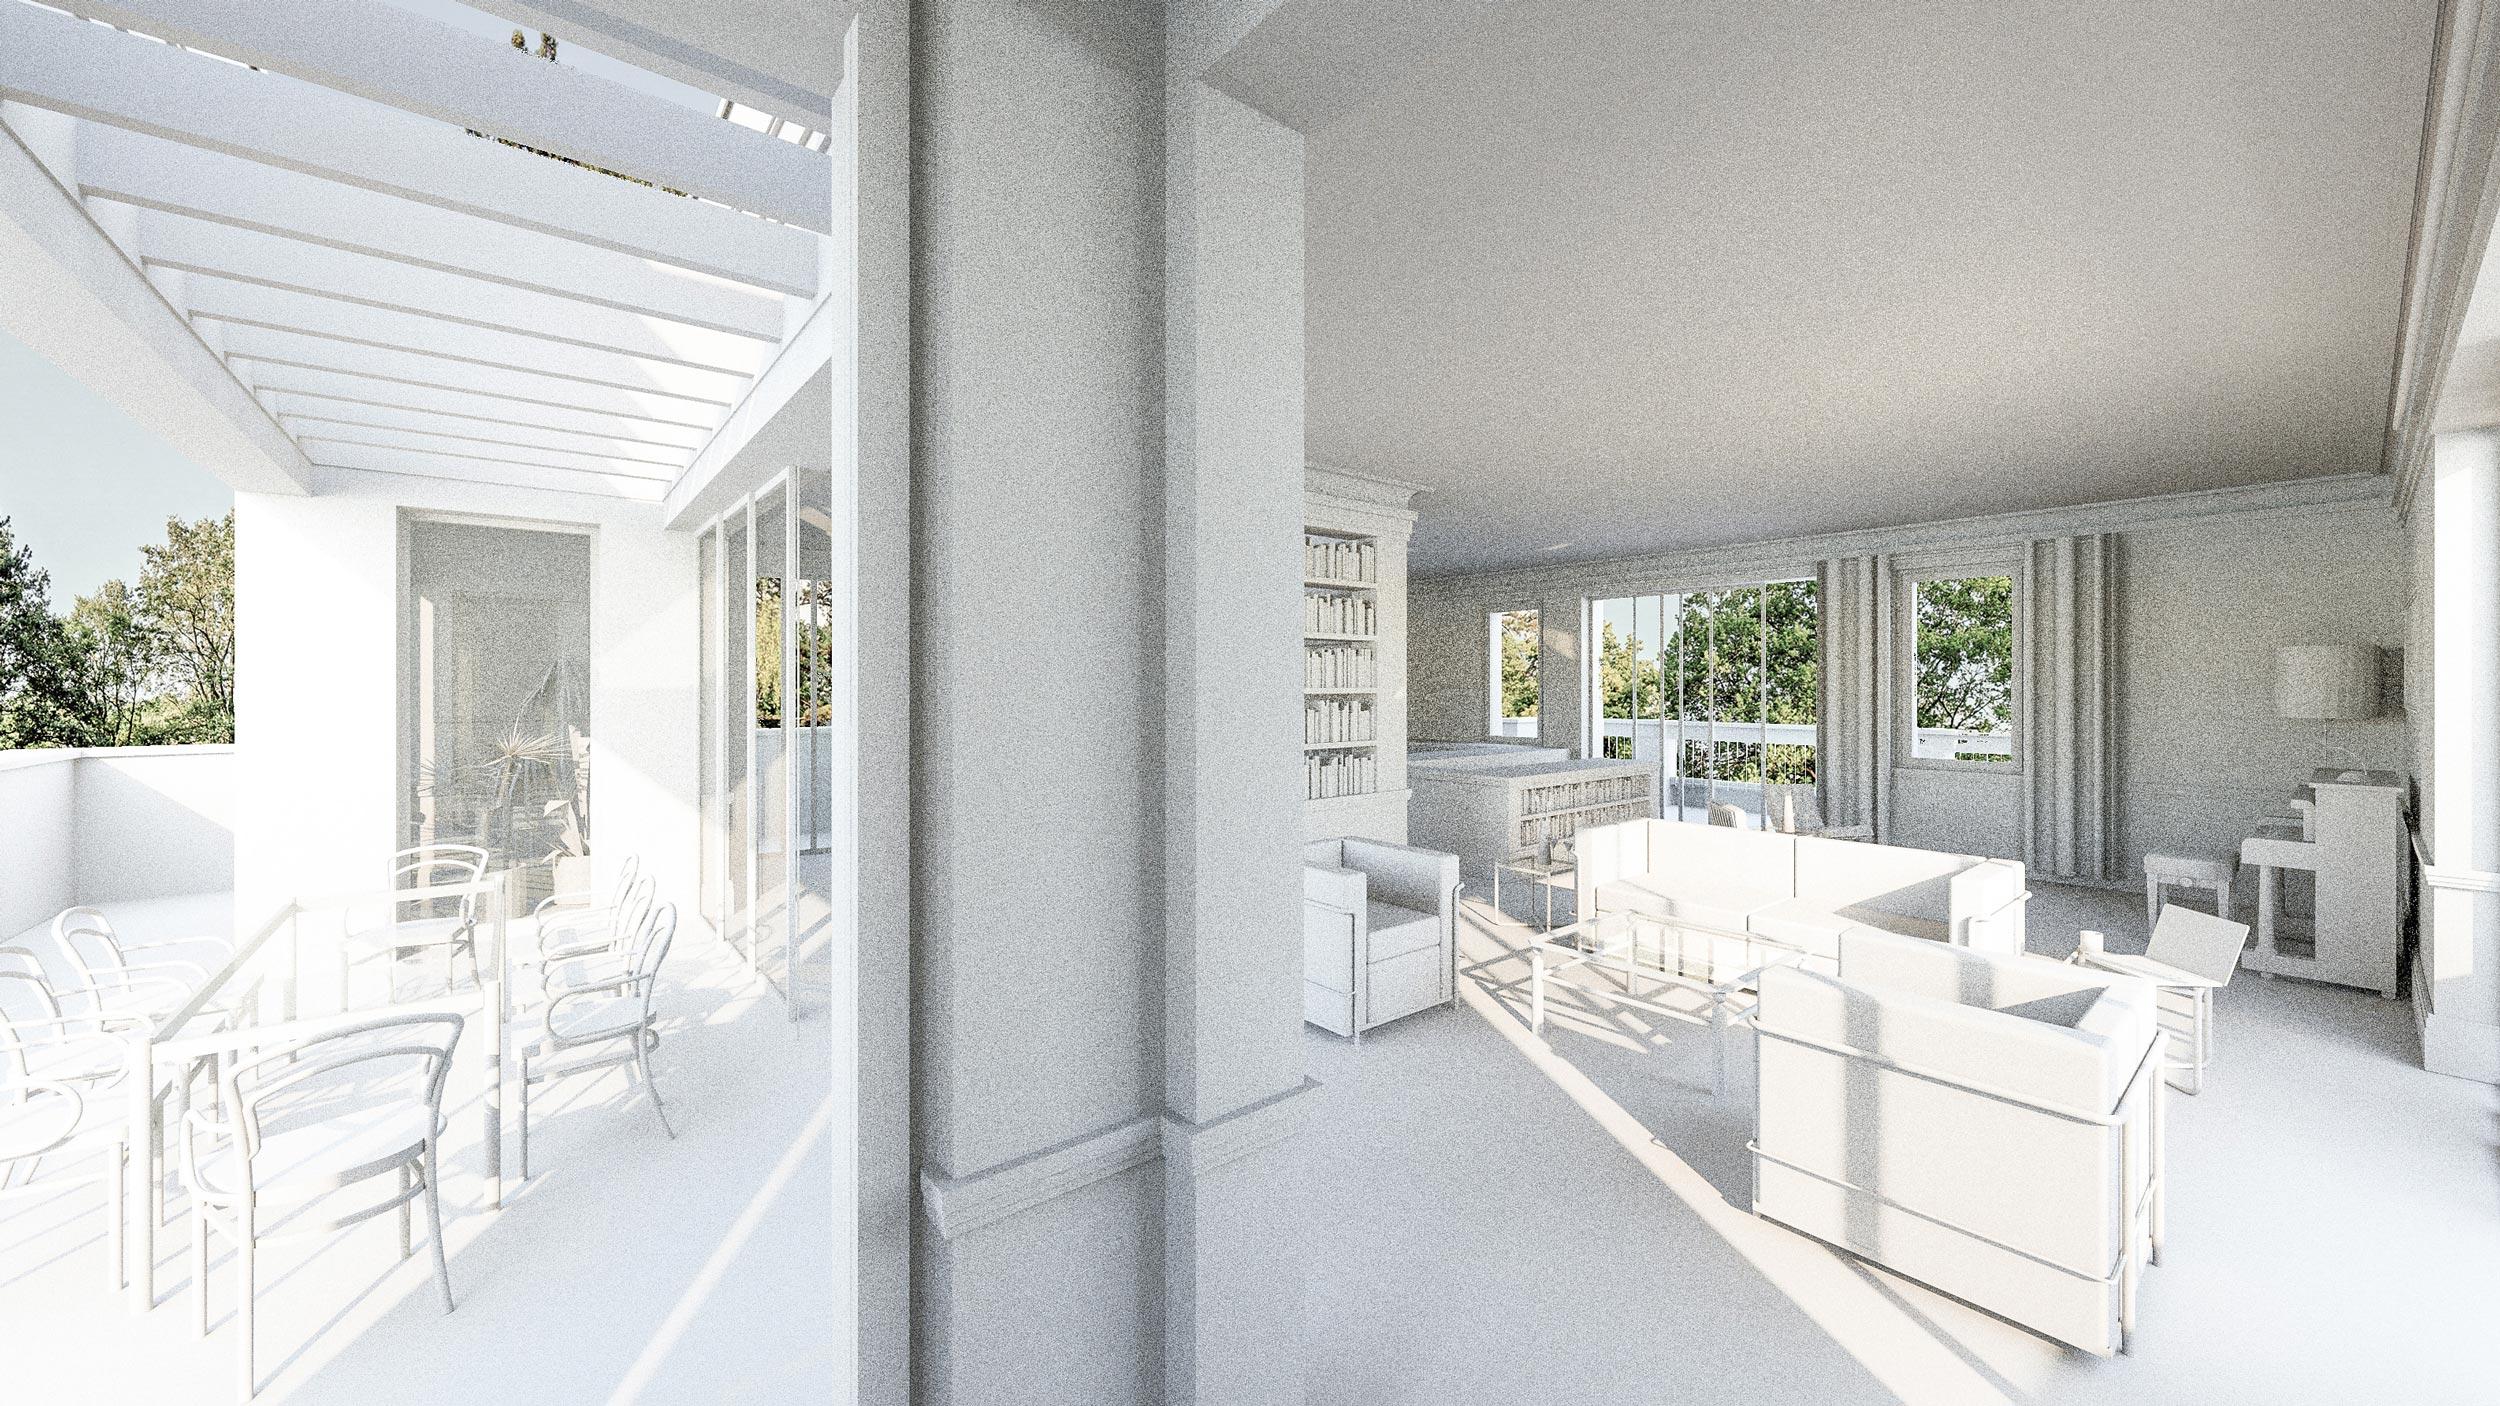 Bauen in klassischer Tradition im Berliner Grunewald - Die Wohnlandschaft des Penthouses geht direkt in die Terrasse über.